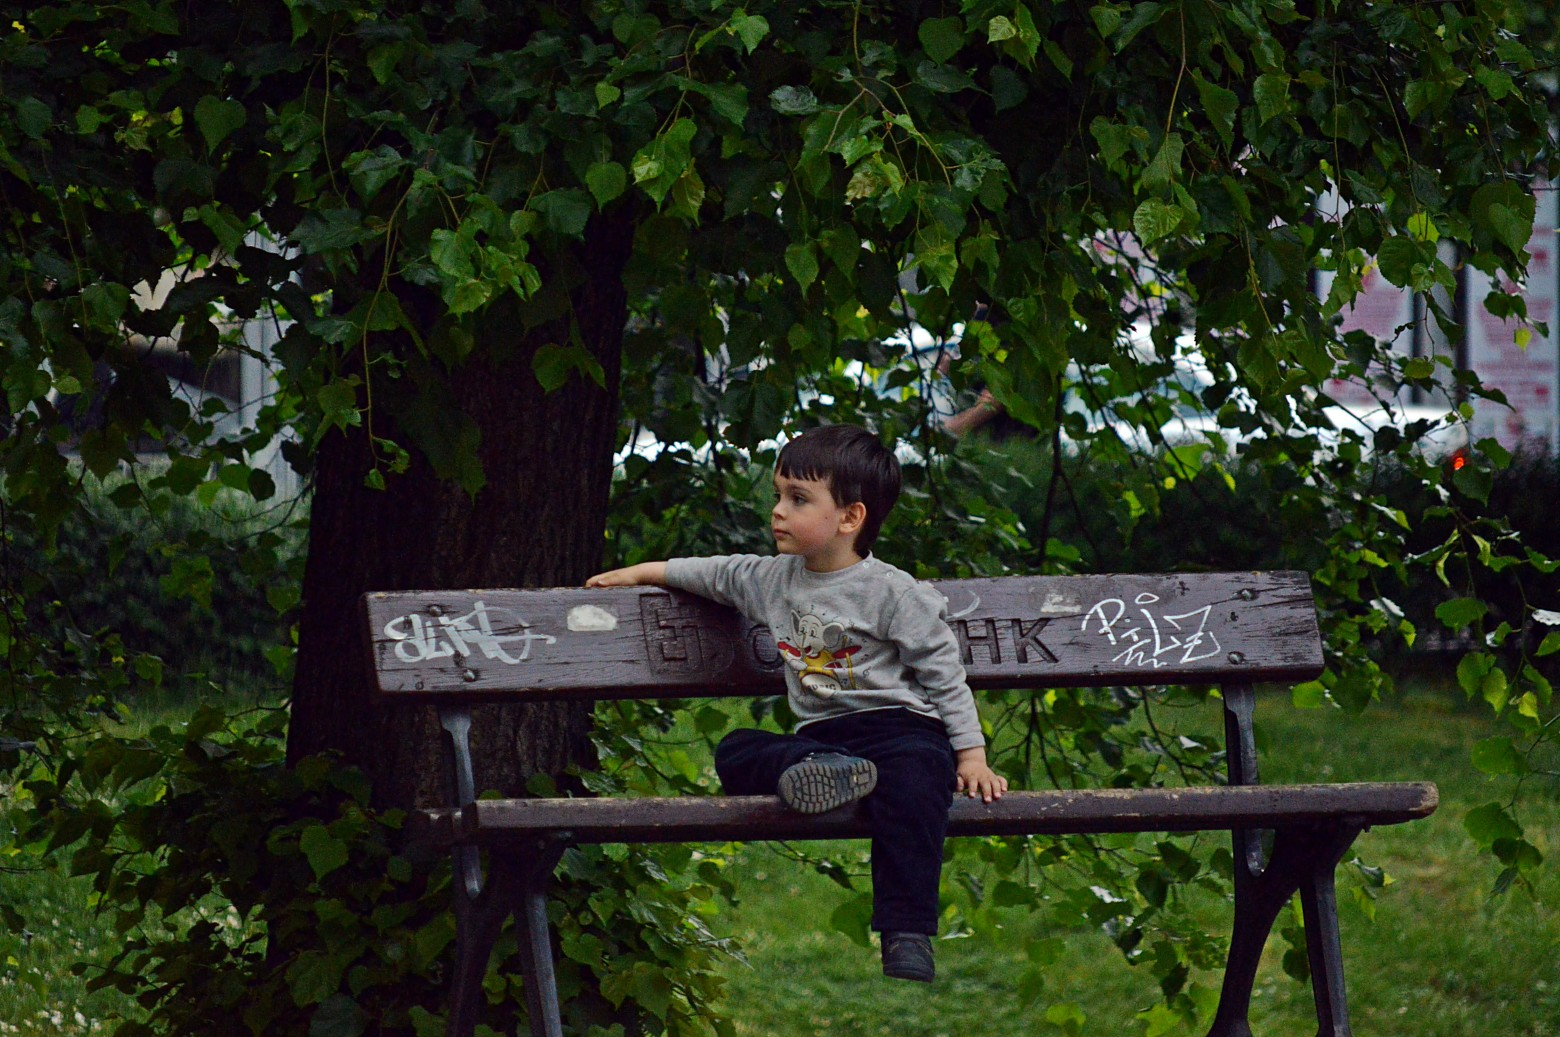 enfant petit gar on seul assis sur un banc images photos gratuites images gratuites et libres. Black Bedroom Furniture Sets. Home Design Ideas